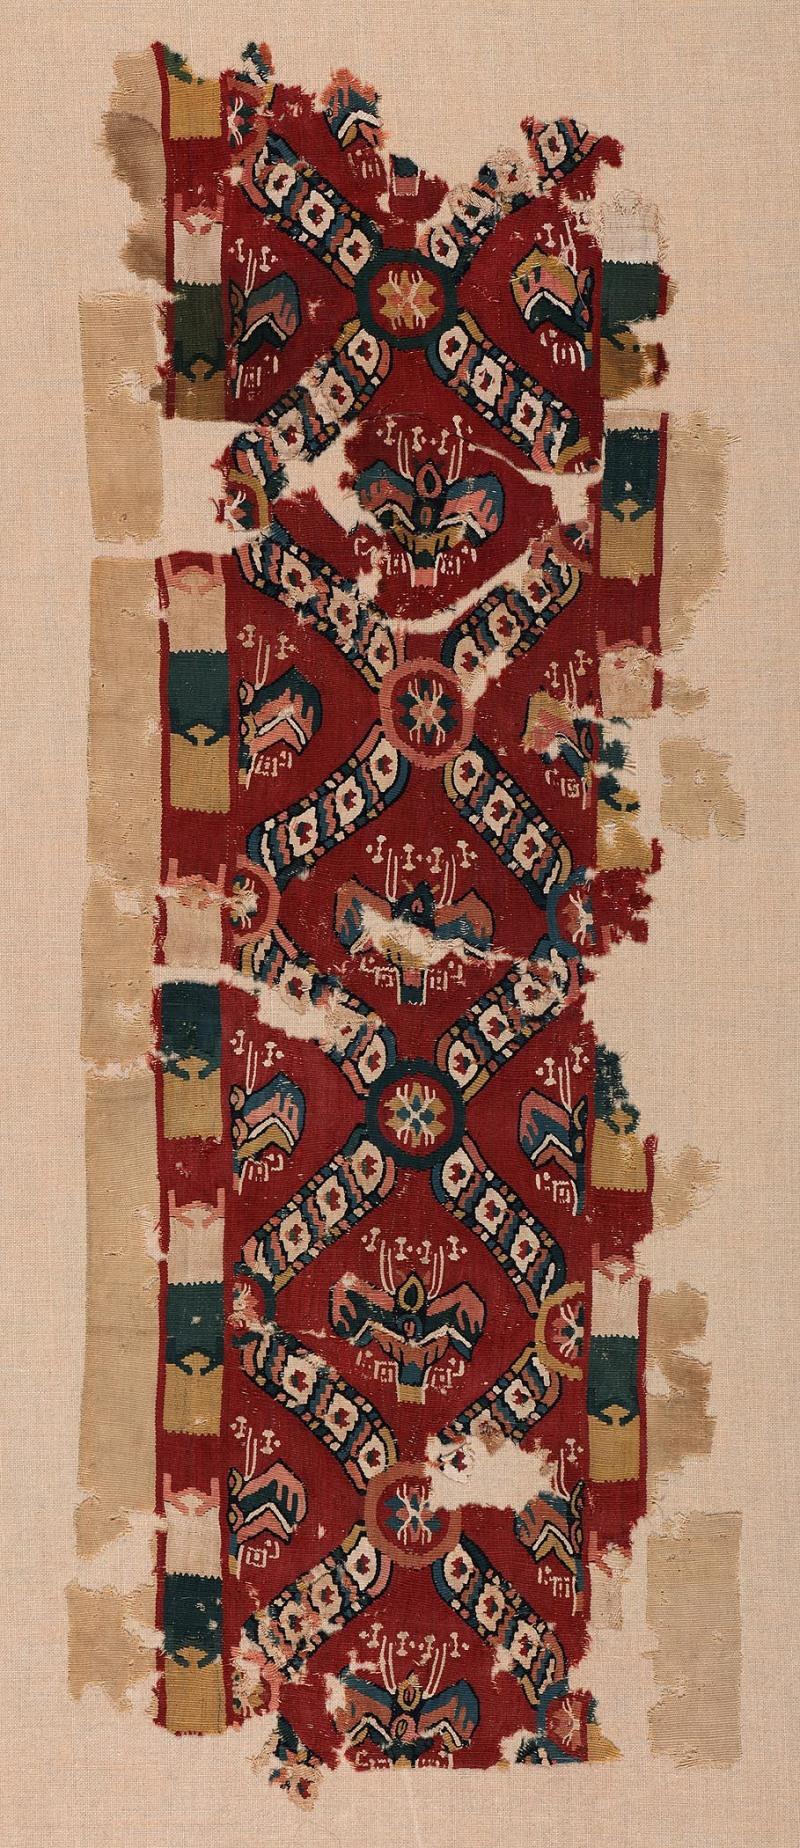 Lin et laineChaîne: 28 cm, trame: 77 cmÉgypte, 6e-9esiècles Don de Maria Luise Fill et Robert Trevisiol, Coll. Fondation Roi Baudouin